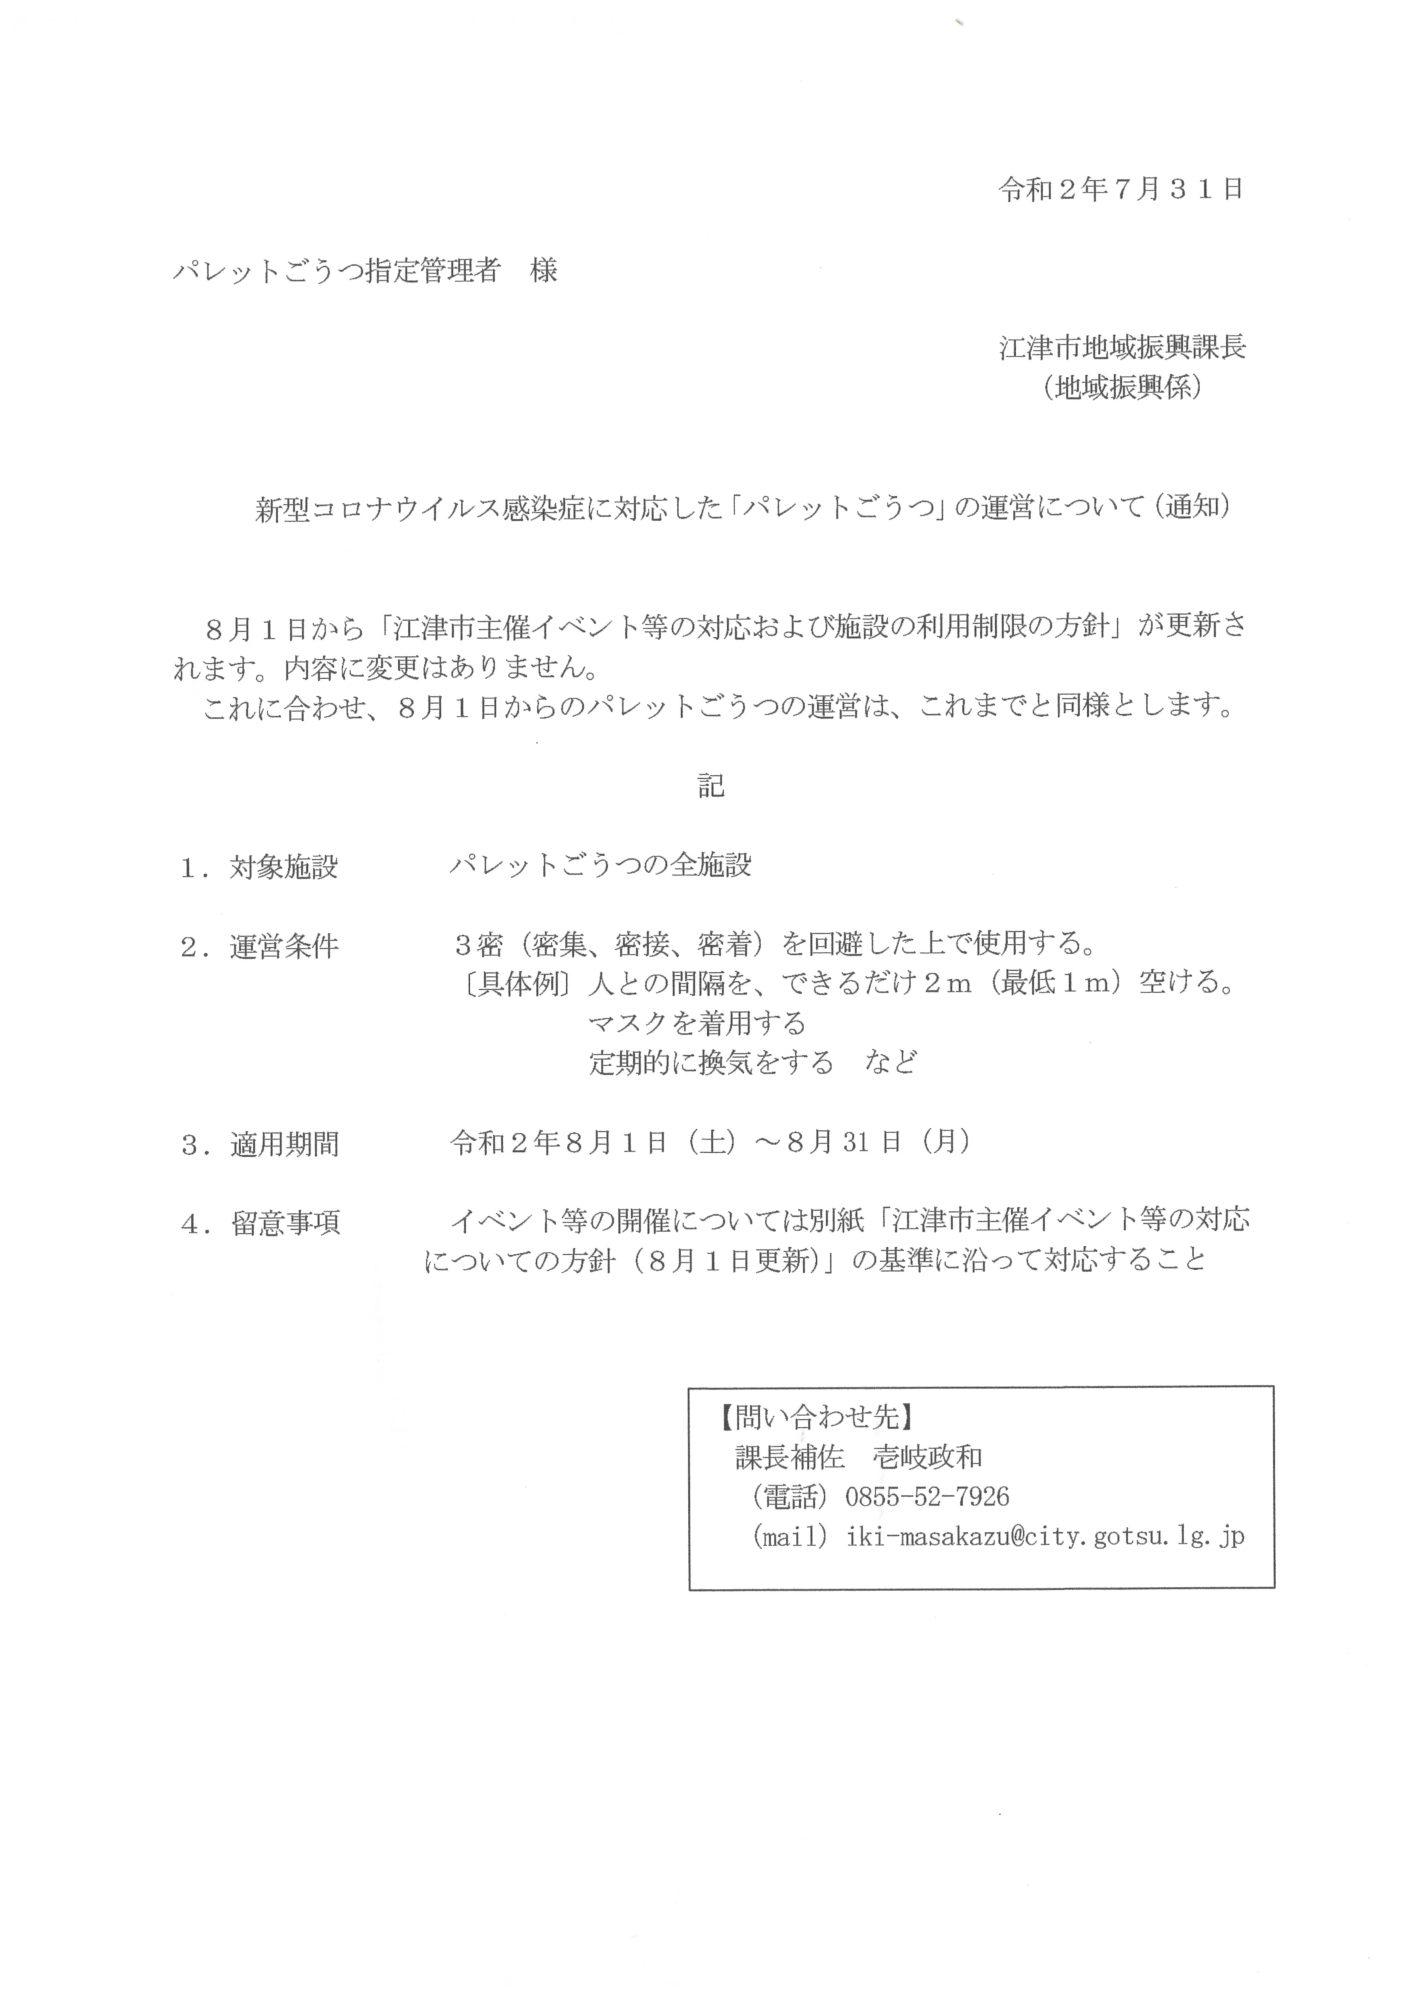 江津市主催イベント等の対応についての方針